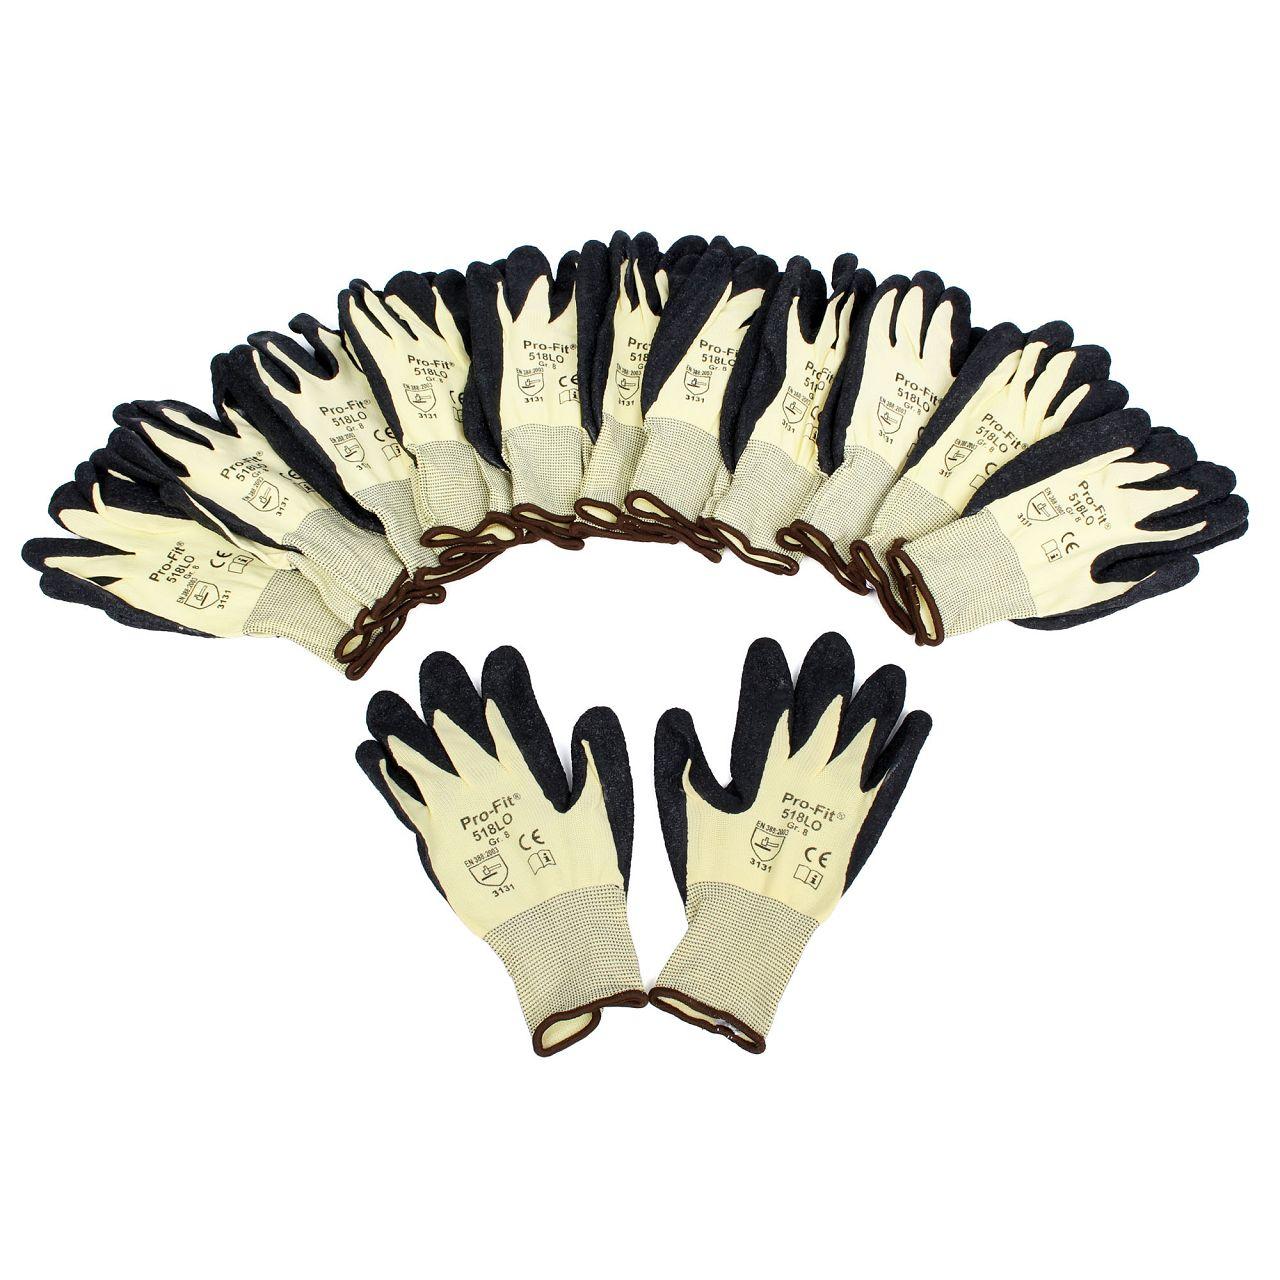 PRO-FIT 518LO Handschuhe Arbeitshandschuhe GELB SCHWARZ Größe 8 / M (12 Paar)